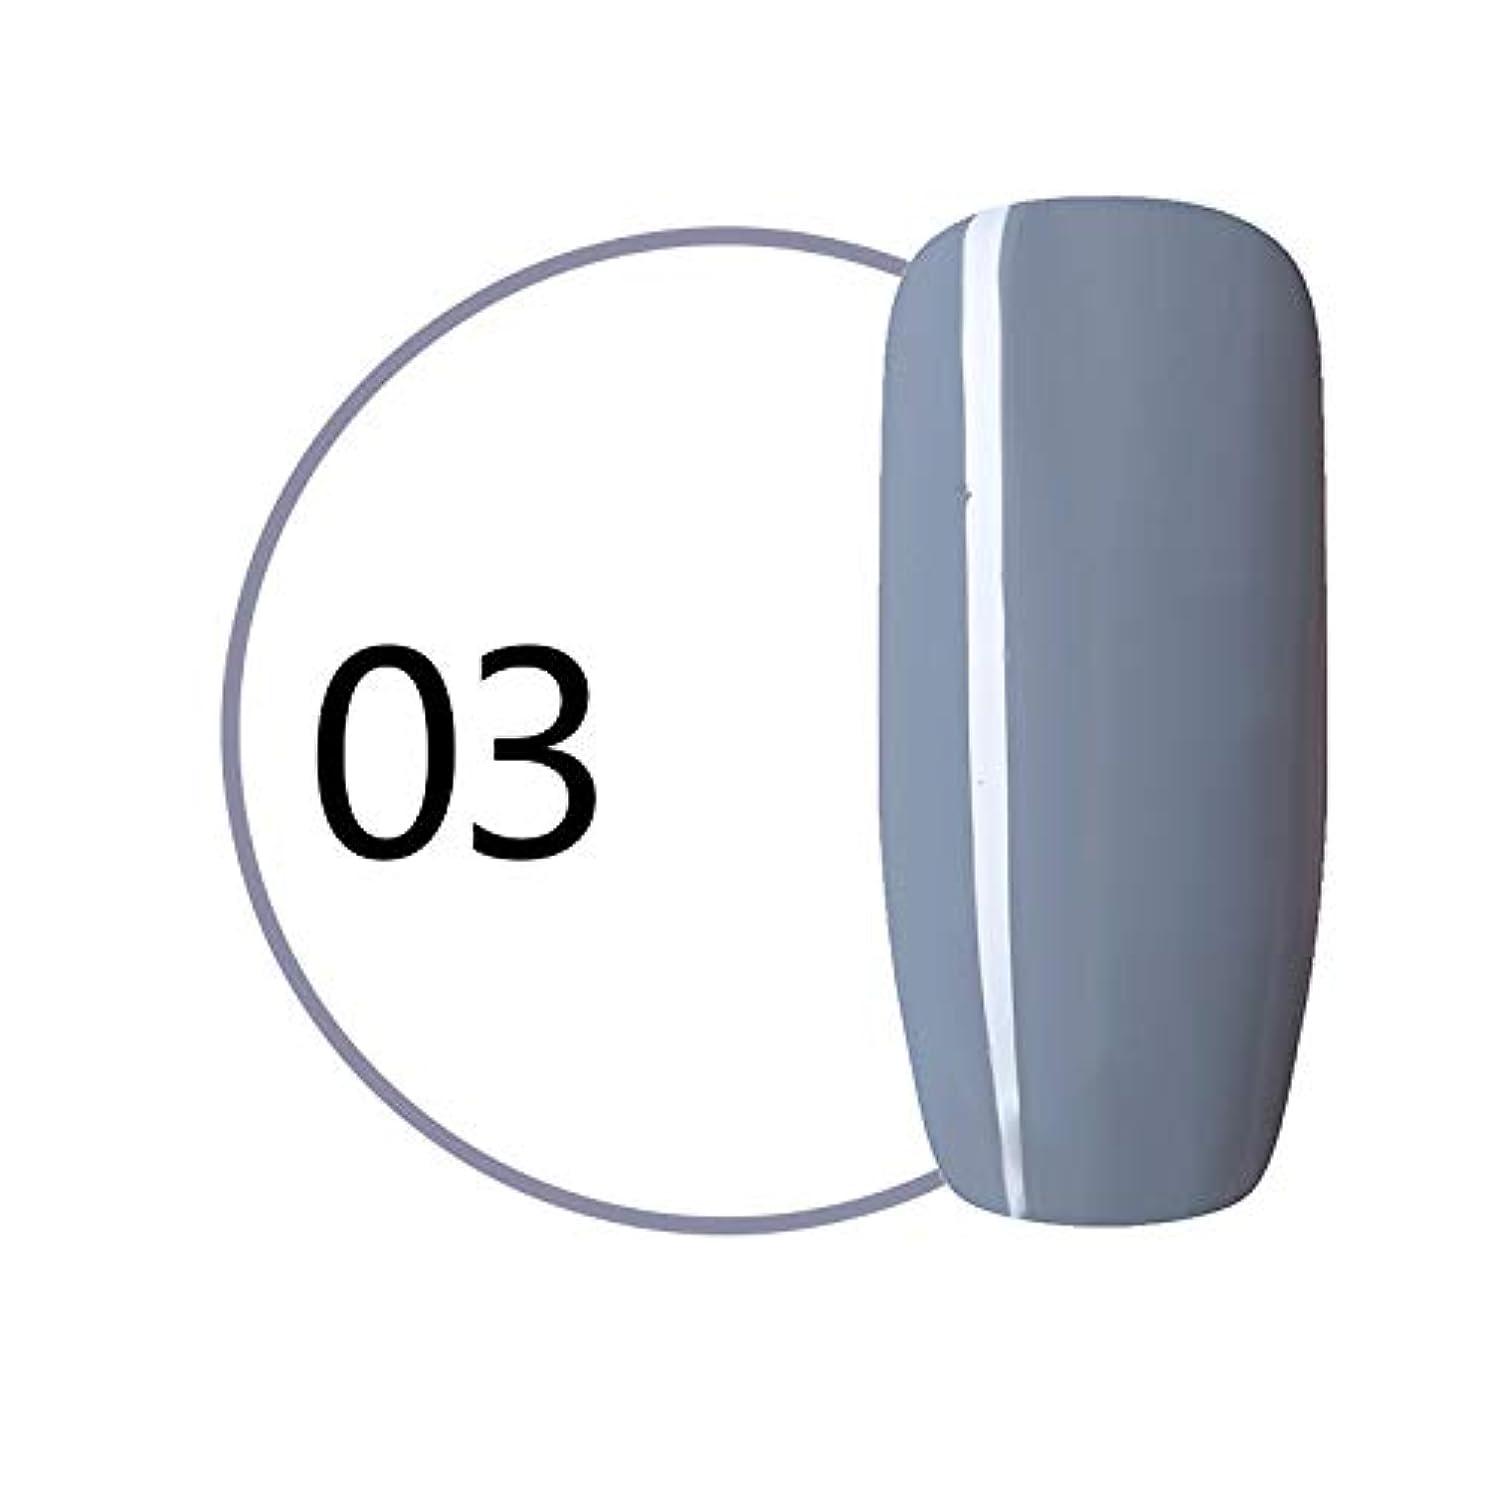 宿命腰路地Symboat マニキュア ソークオフ UV LED ネイルジェルポリッシュ ワイングレーシリーズ ネイル用品 女優 人気 初心者にも対応 安全 無毒